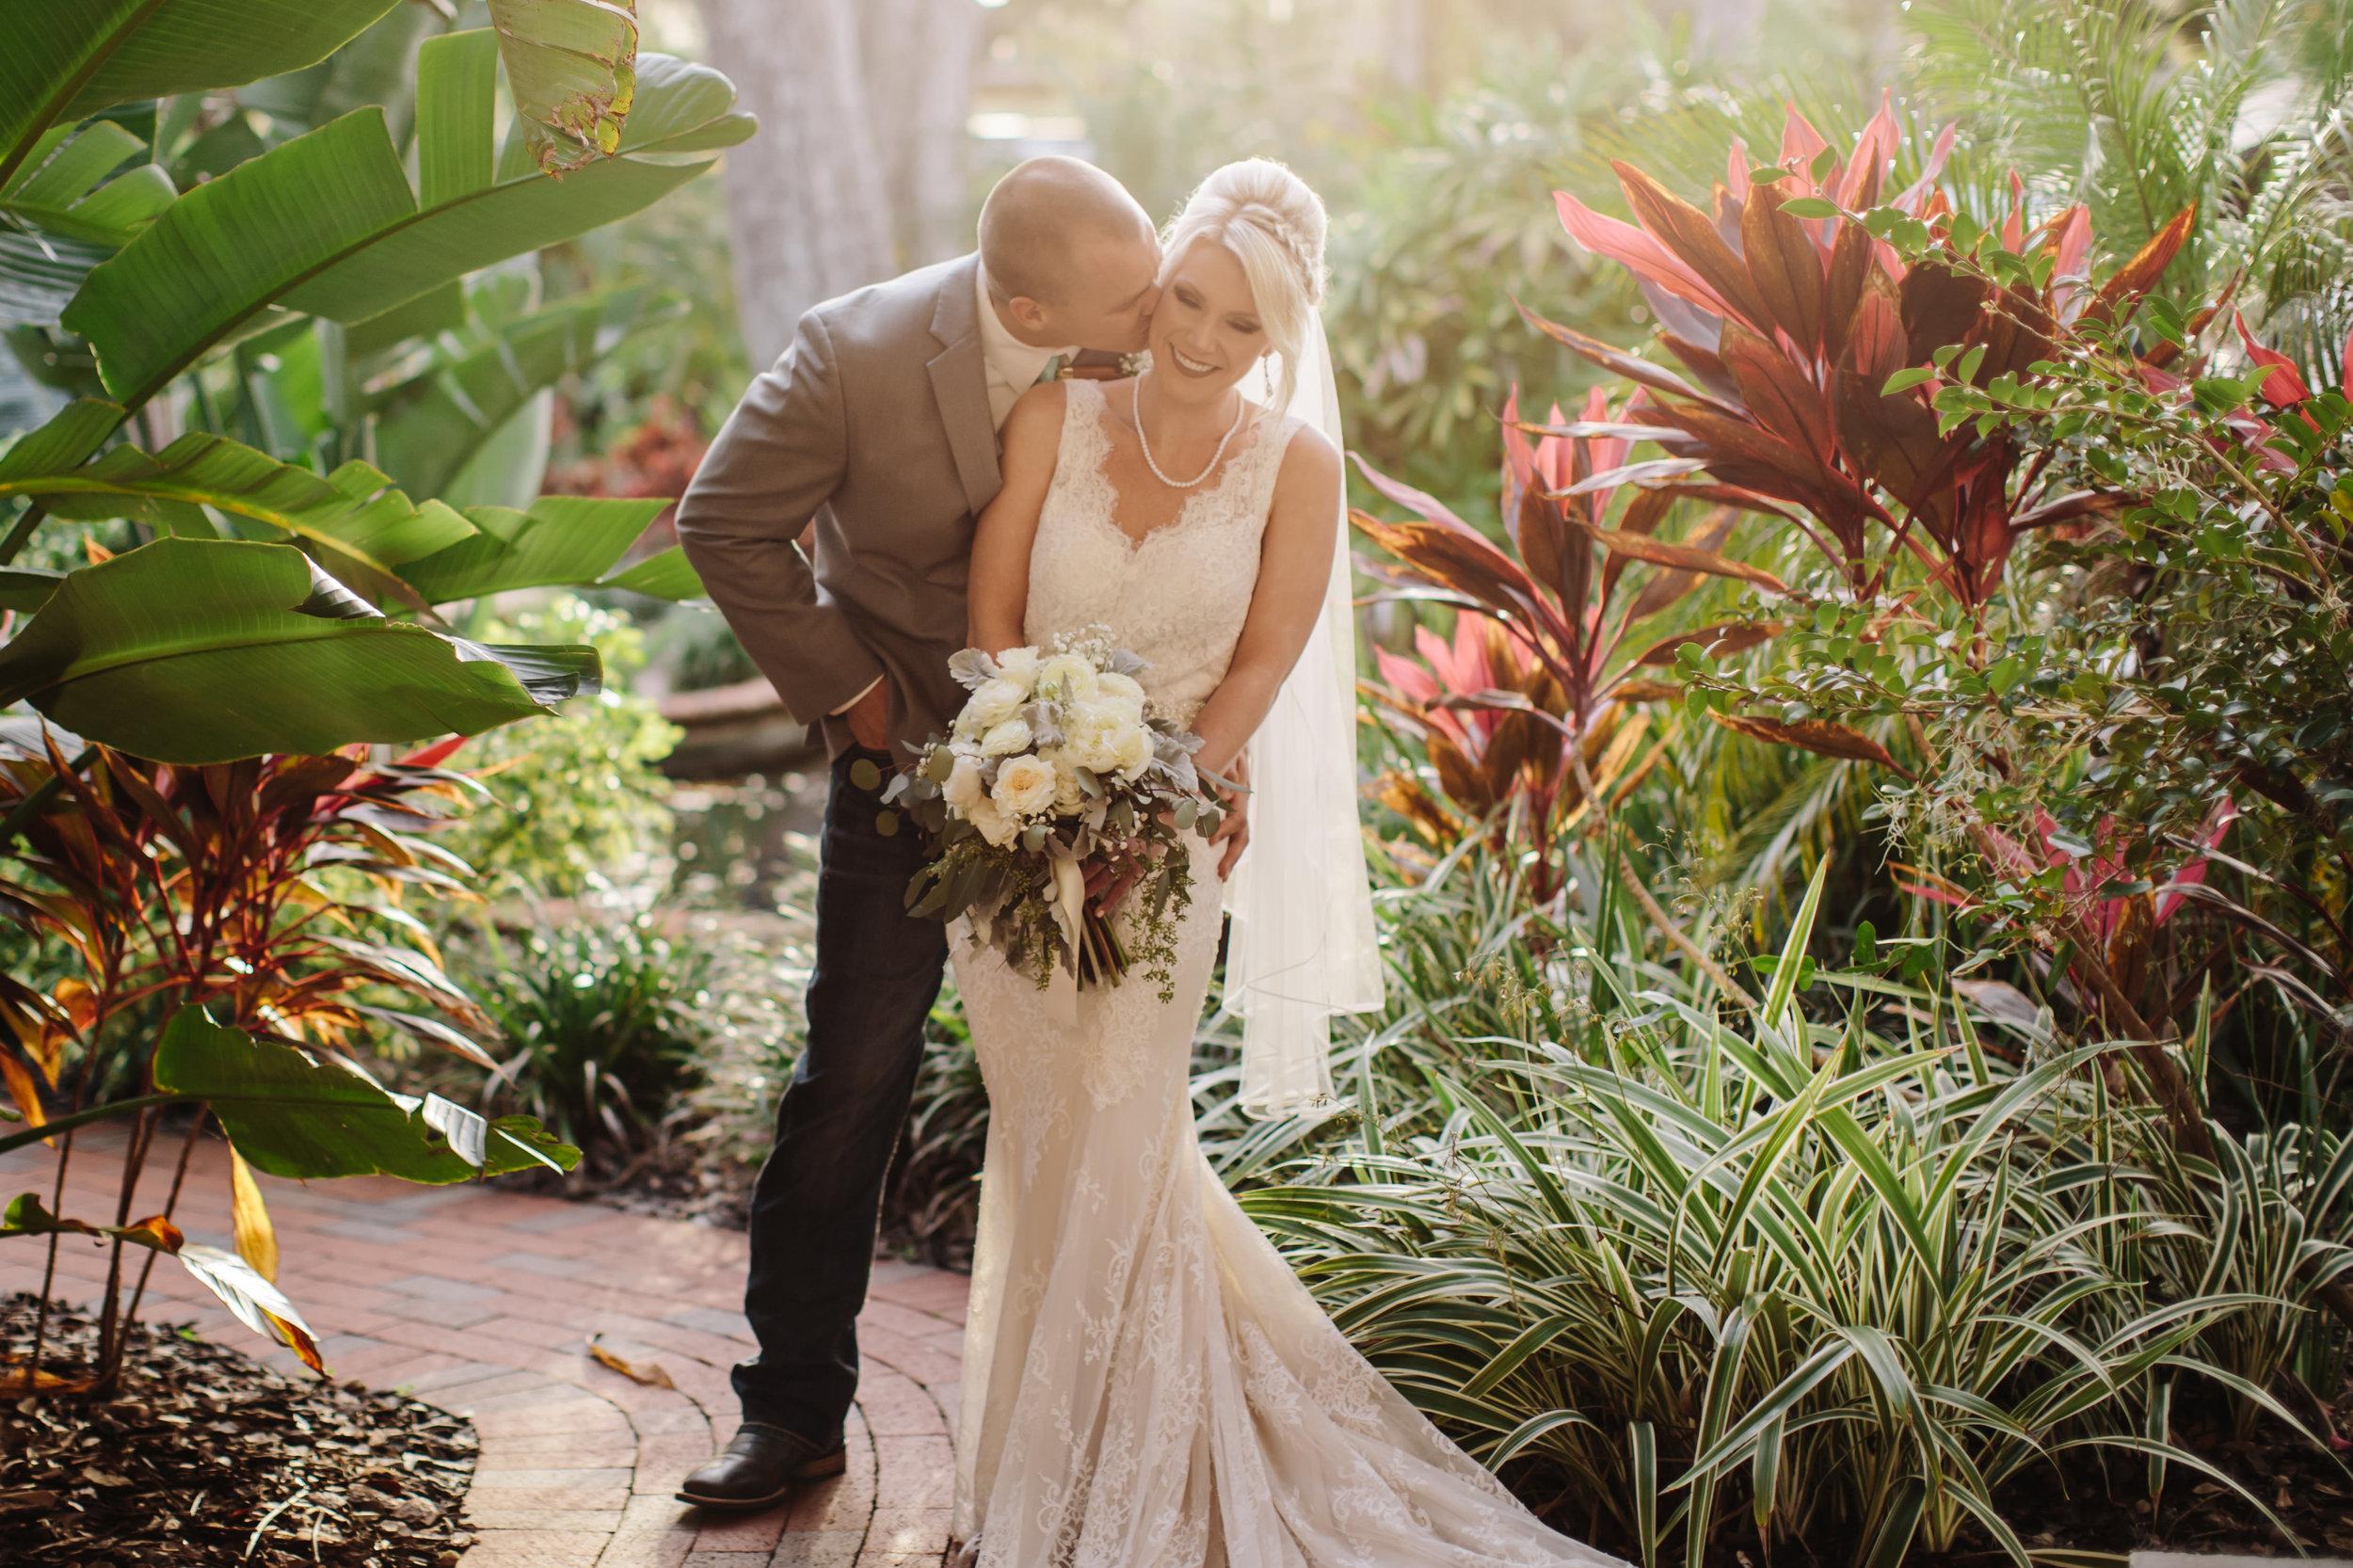 2018.02.10 Mariah and Ryan Baker Estate on Halifax Wedding (686 of 1218).jpg